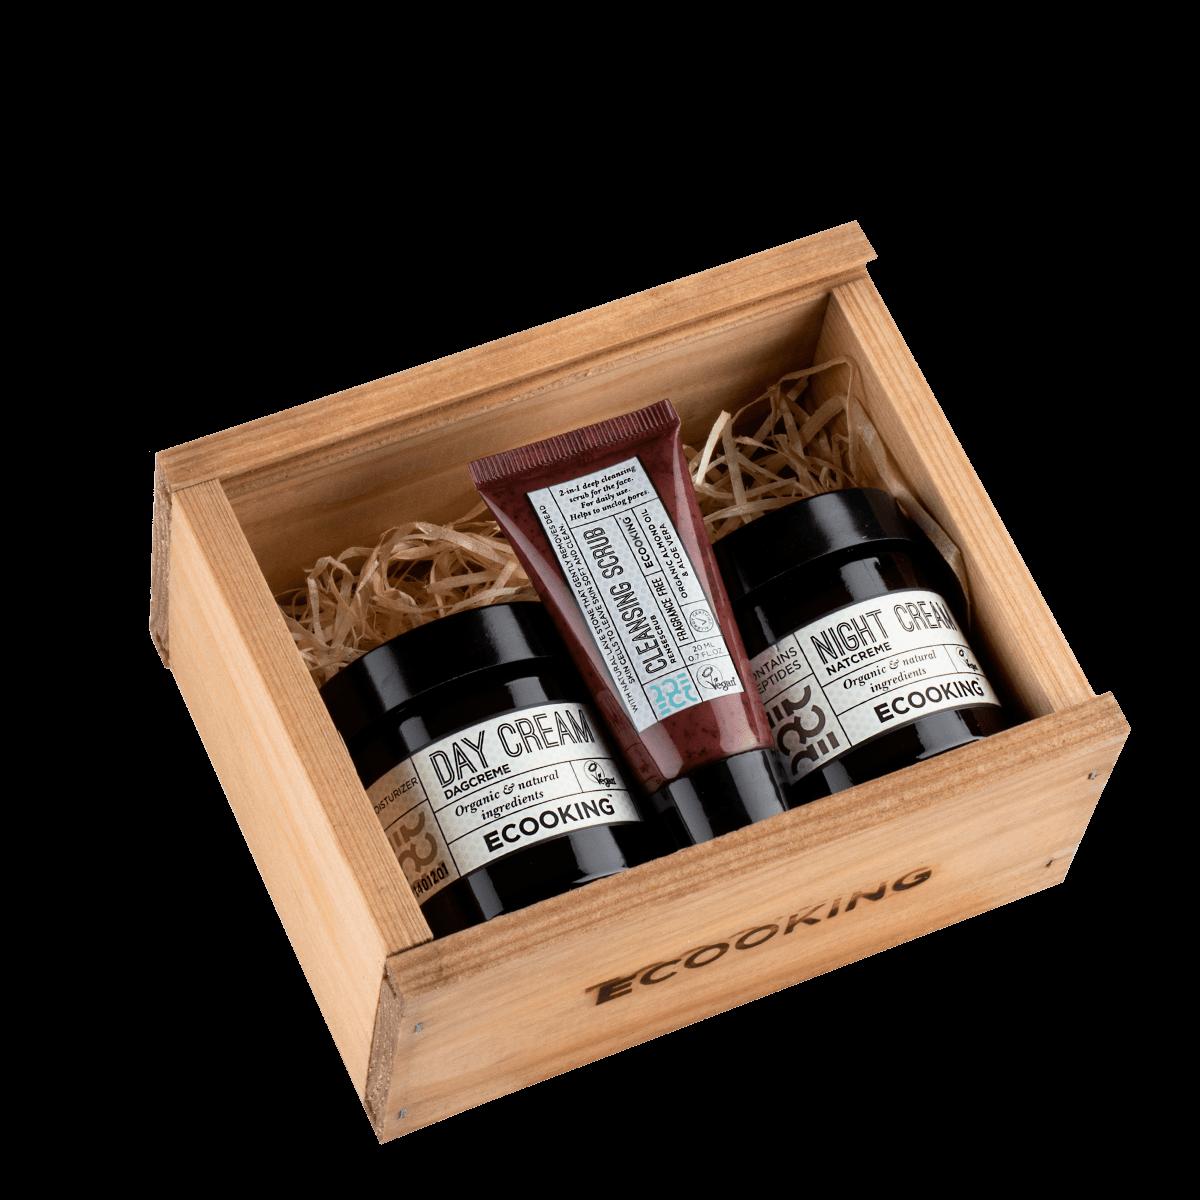 Basic Skincare Gift Set